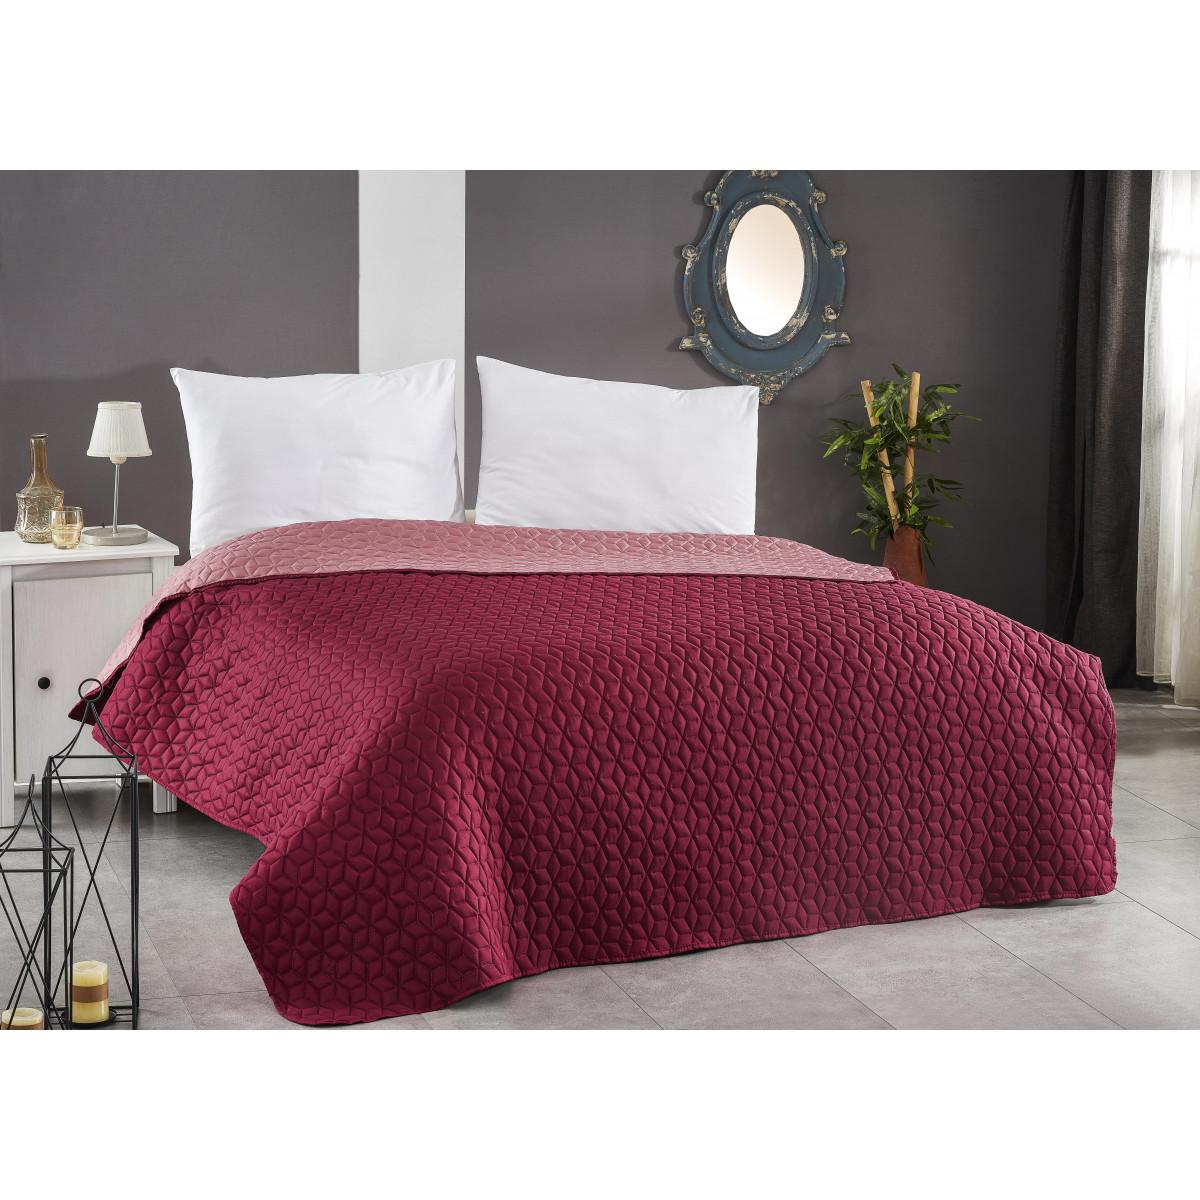 Покривало за легло ултрасоник - БОРДО